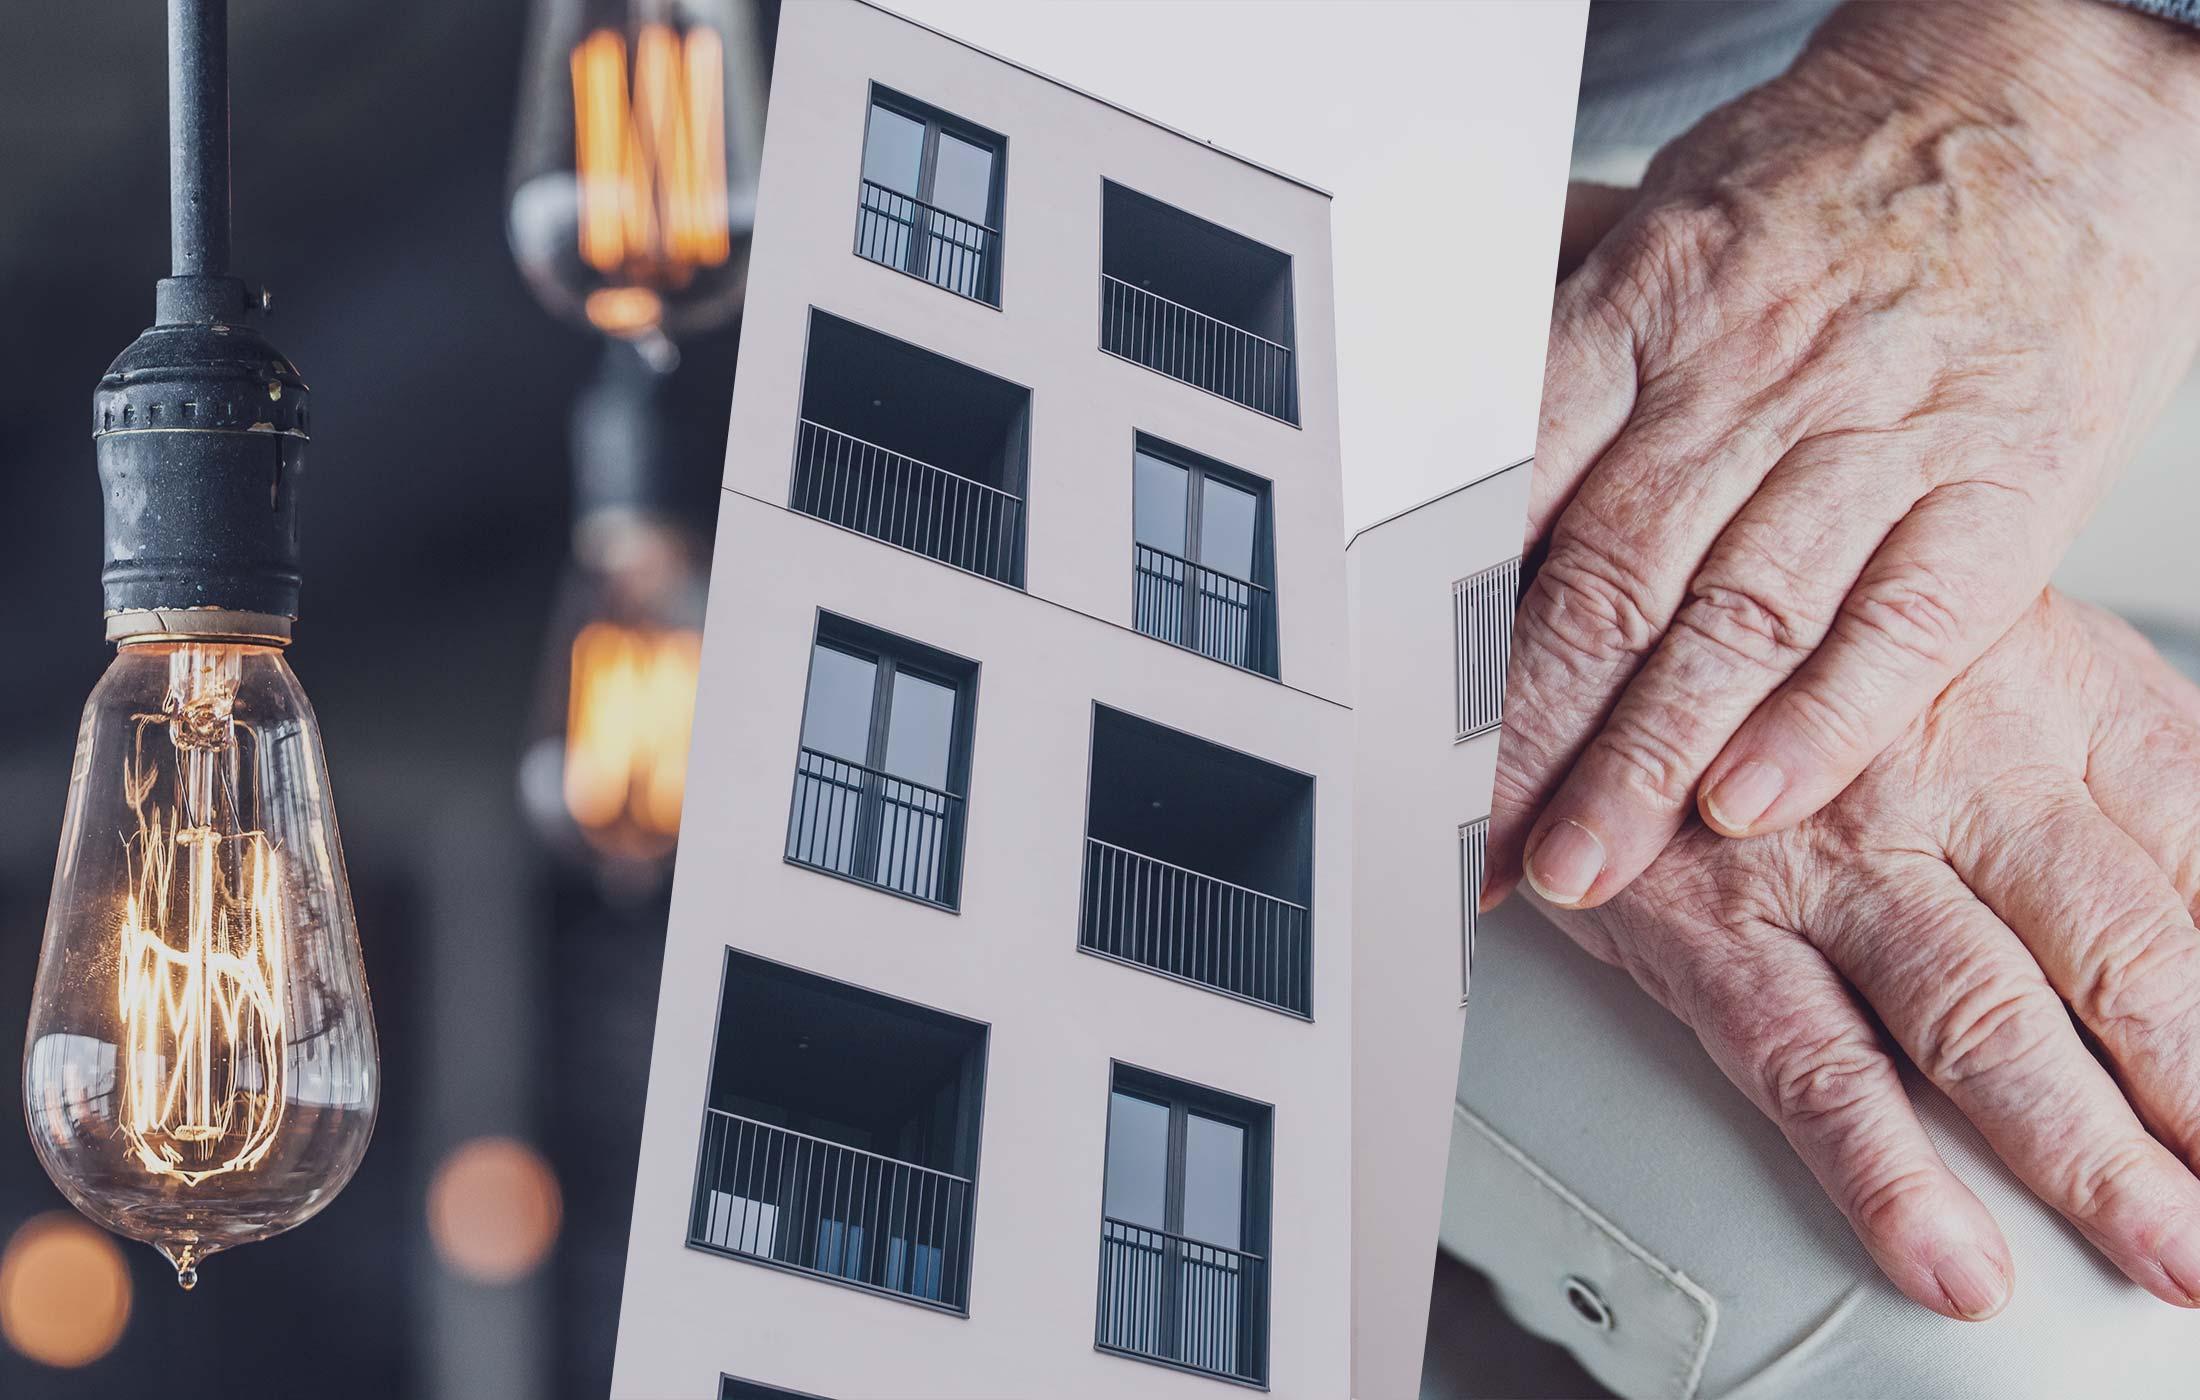 Wallonie : nouvelles mesures en faveur des PME/indépendants, en matière de pouvoir d'achat, de logement et d'aide sociale